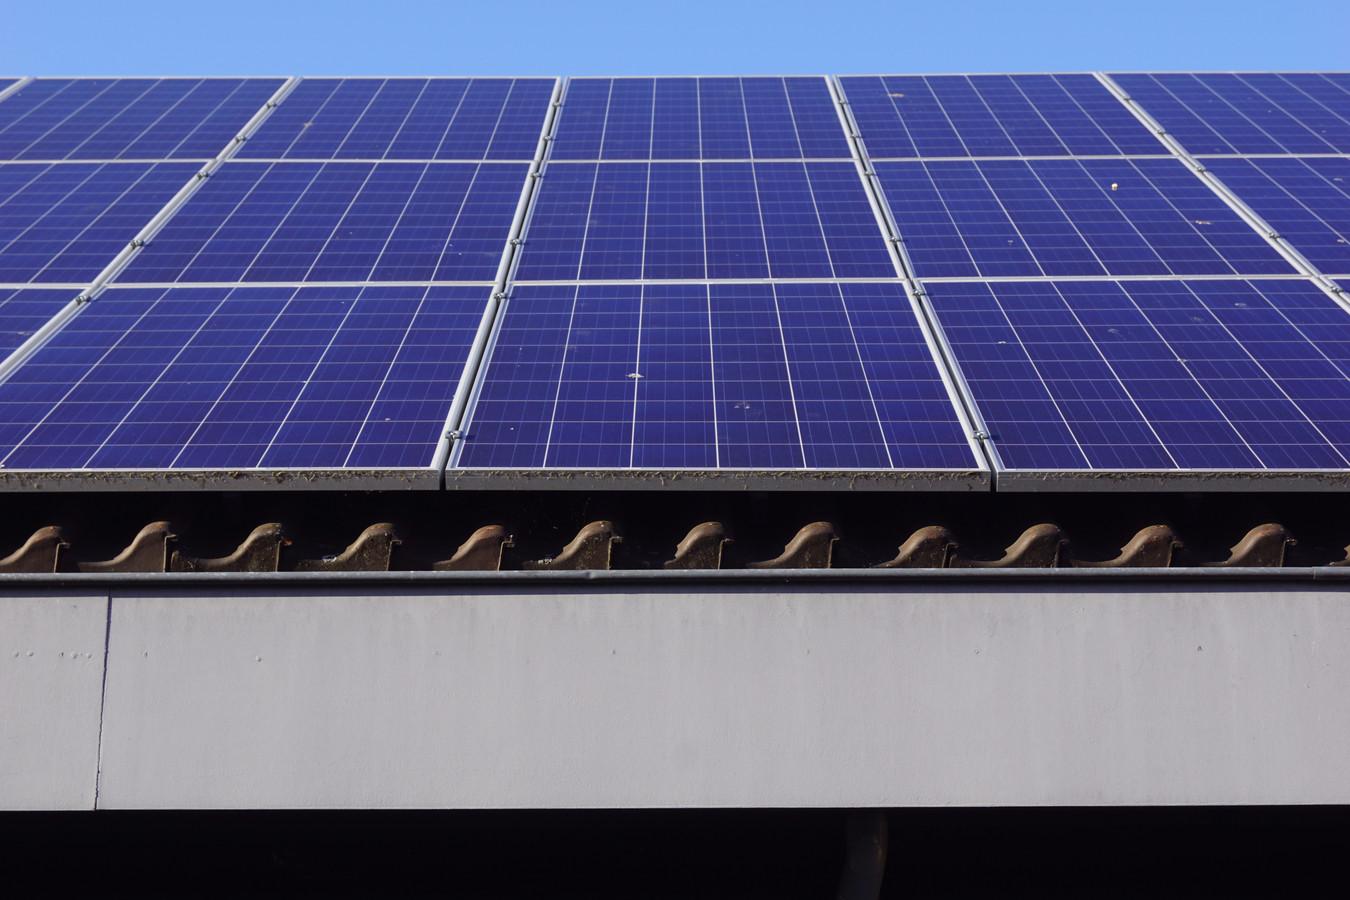 Een zonnepaneel op een dak voor het opwekken van energie.